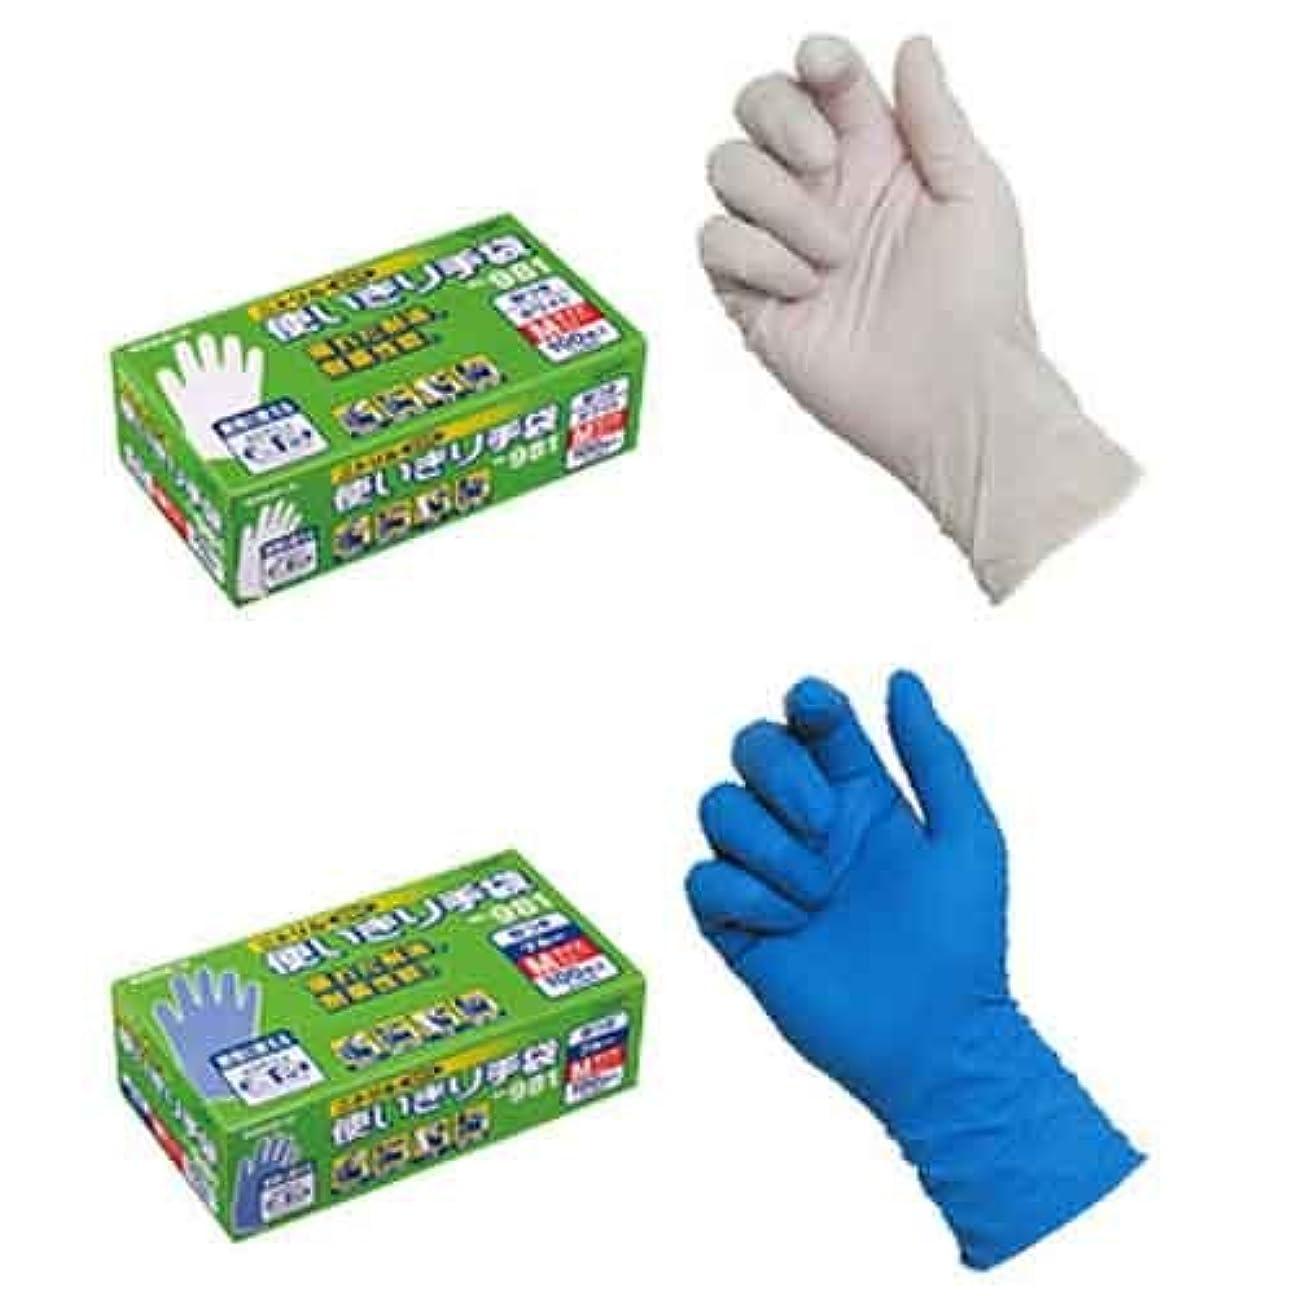 ウェブ講師単にモデルローブNo981ニトリル使いきり手袋粉つき100枚ブルーSS